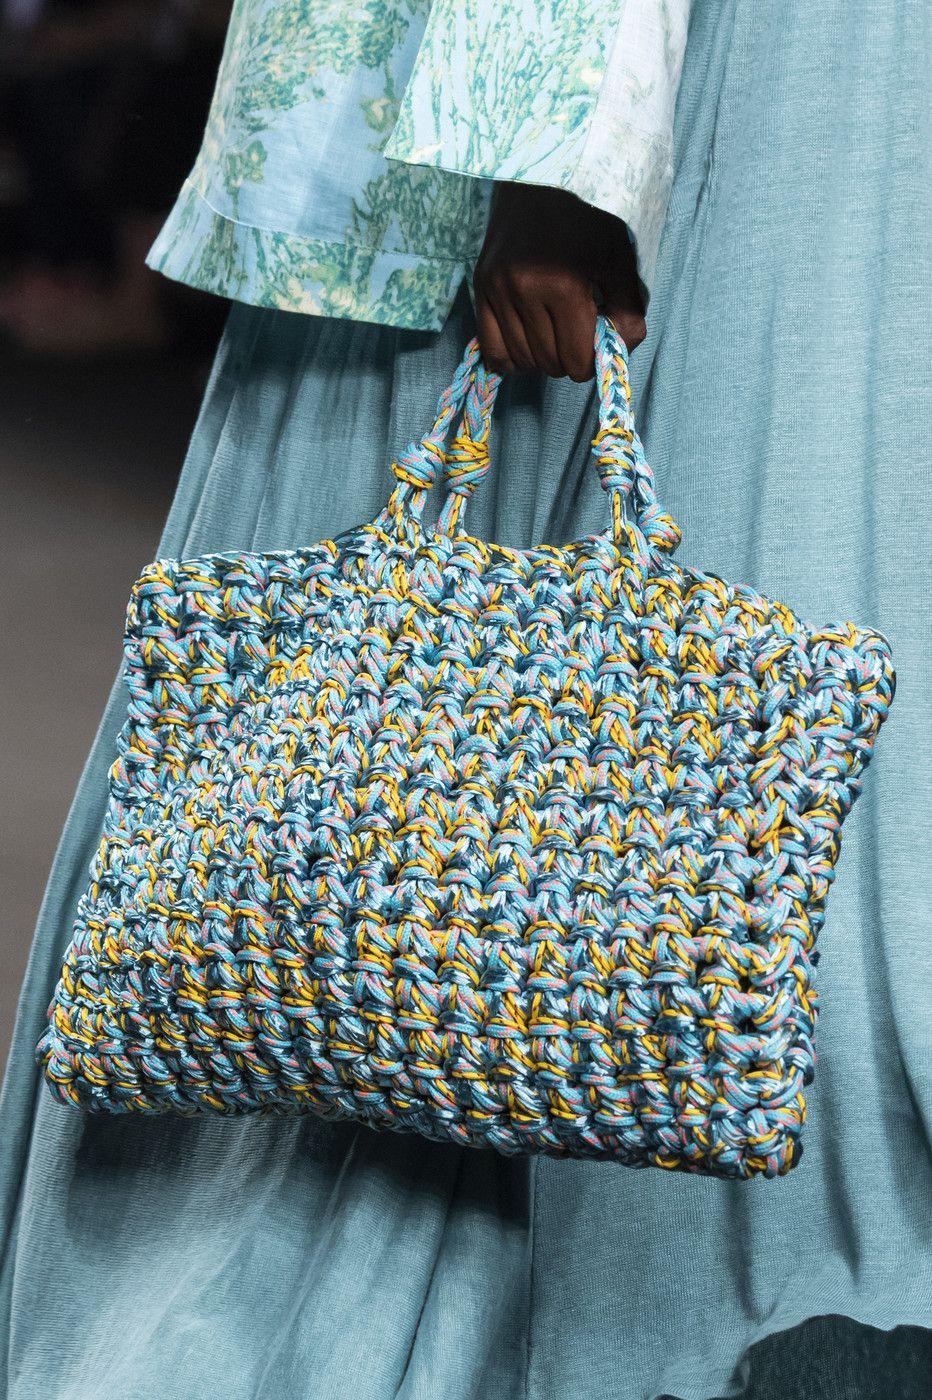 Anteprima at Milan Fashion Week Spring 2020 - Details